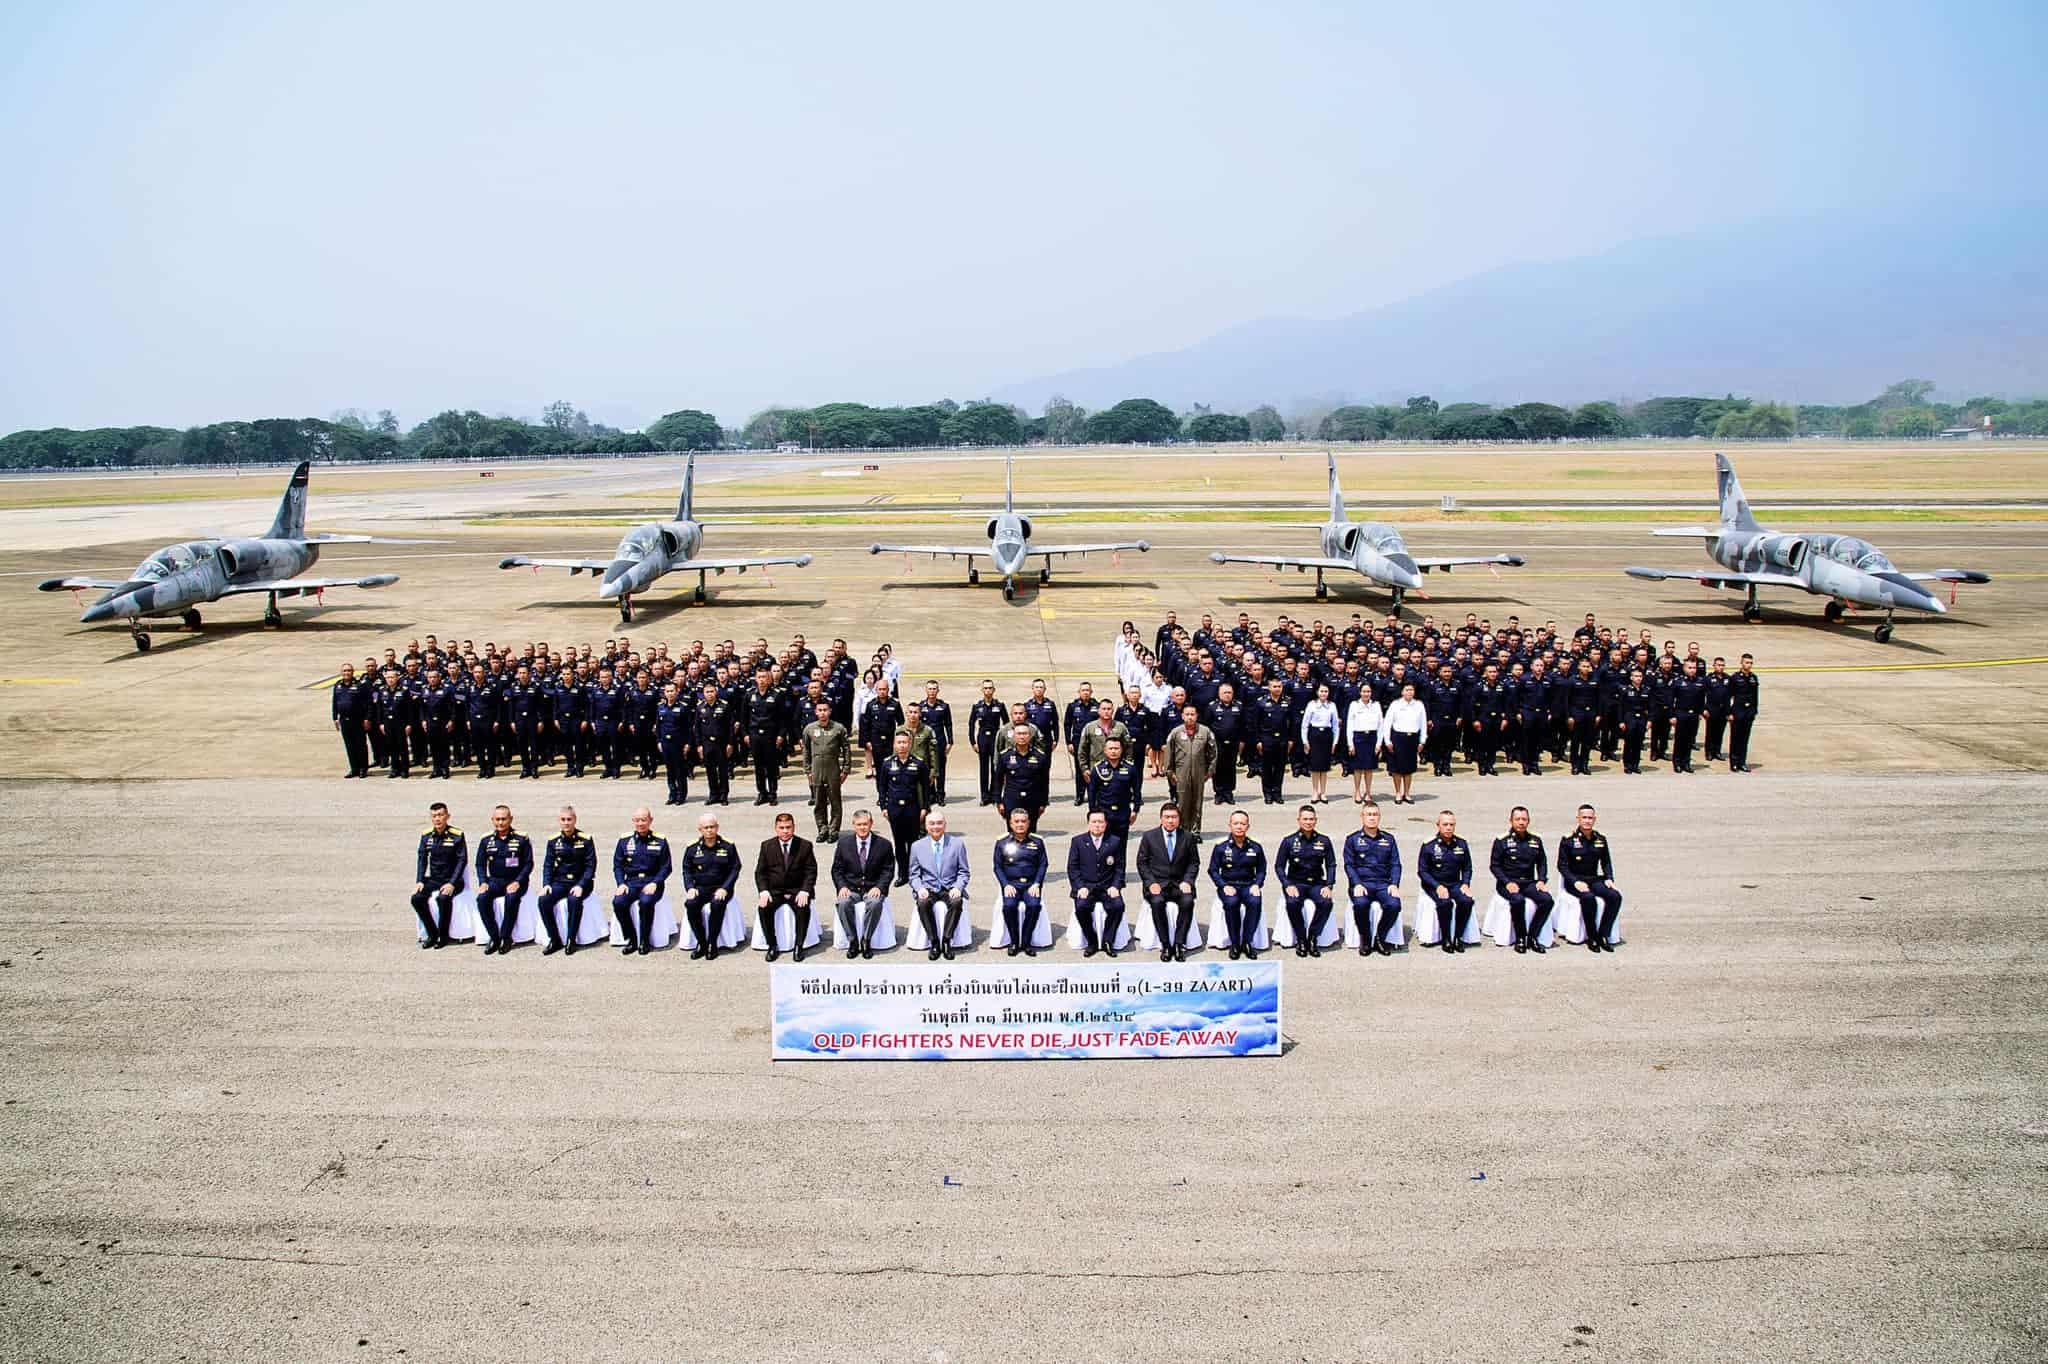 Церемонія прощання з літаками L-39ZA у Таїланді